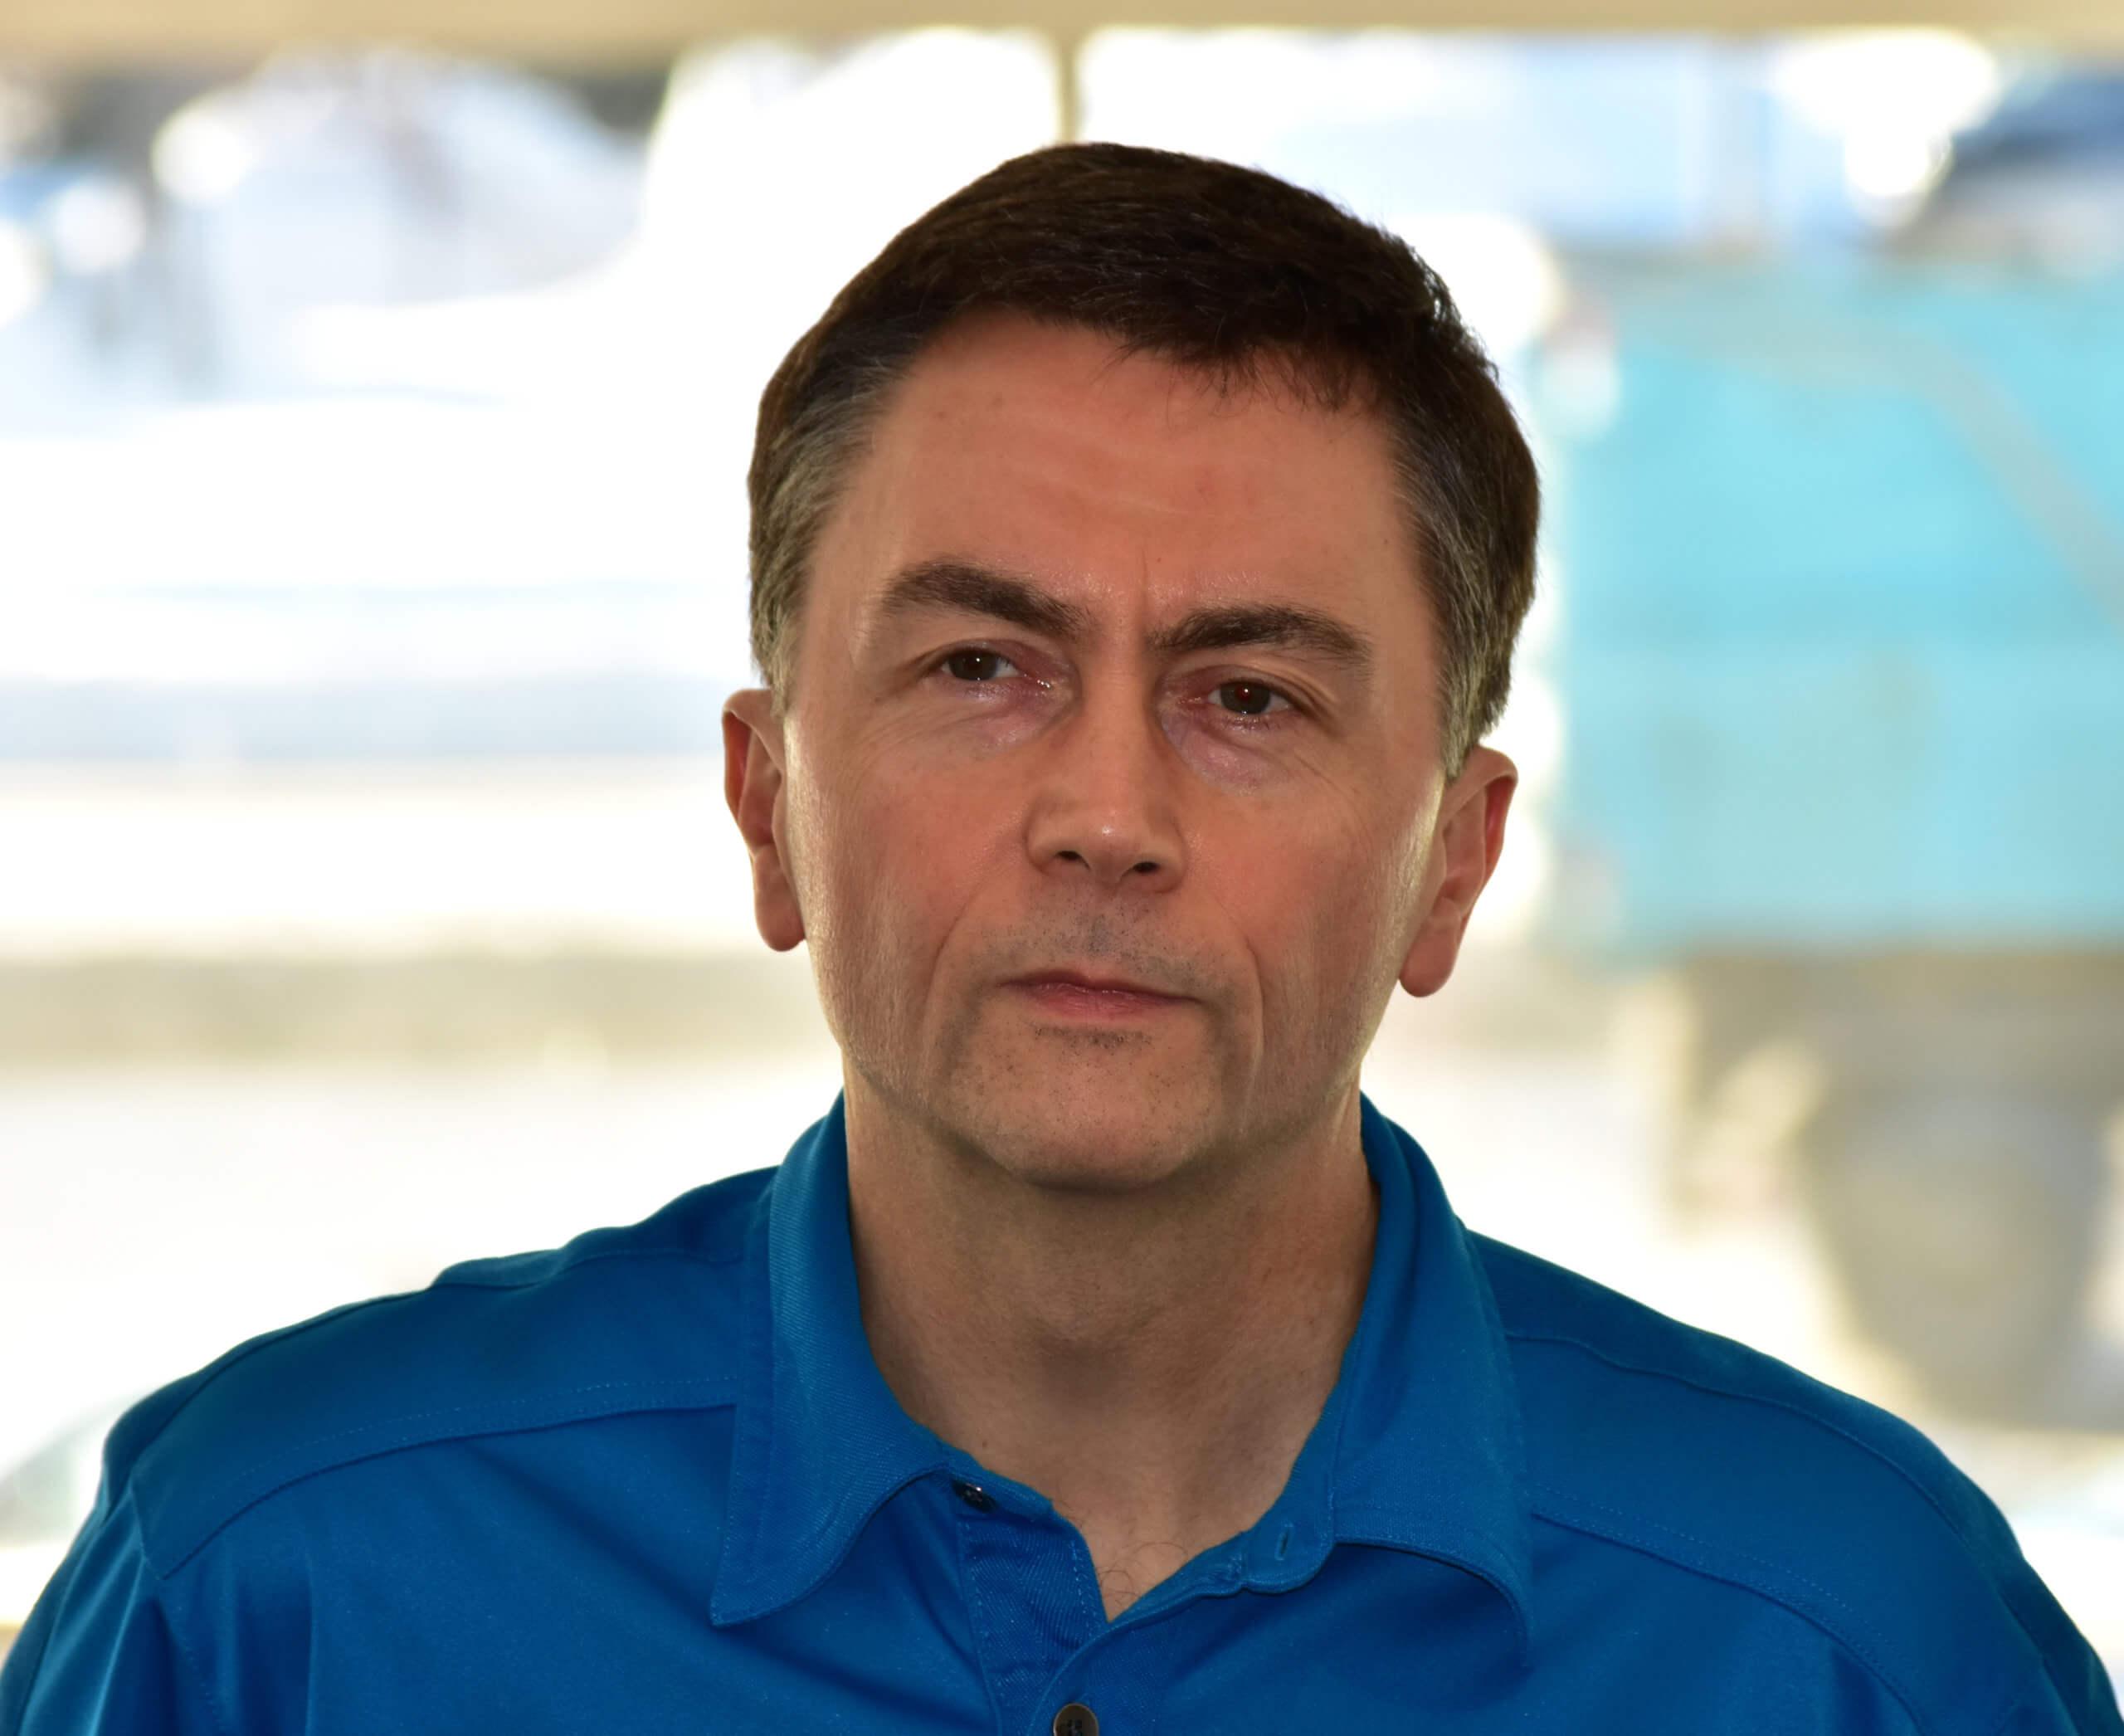 Jason Krasowski